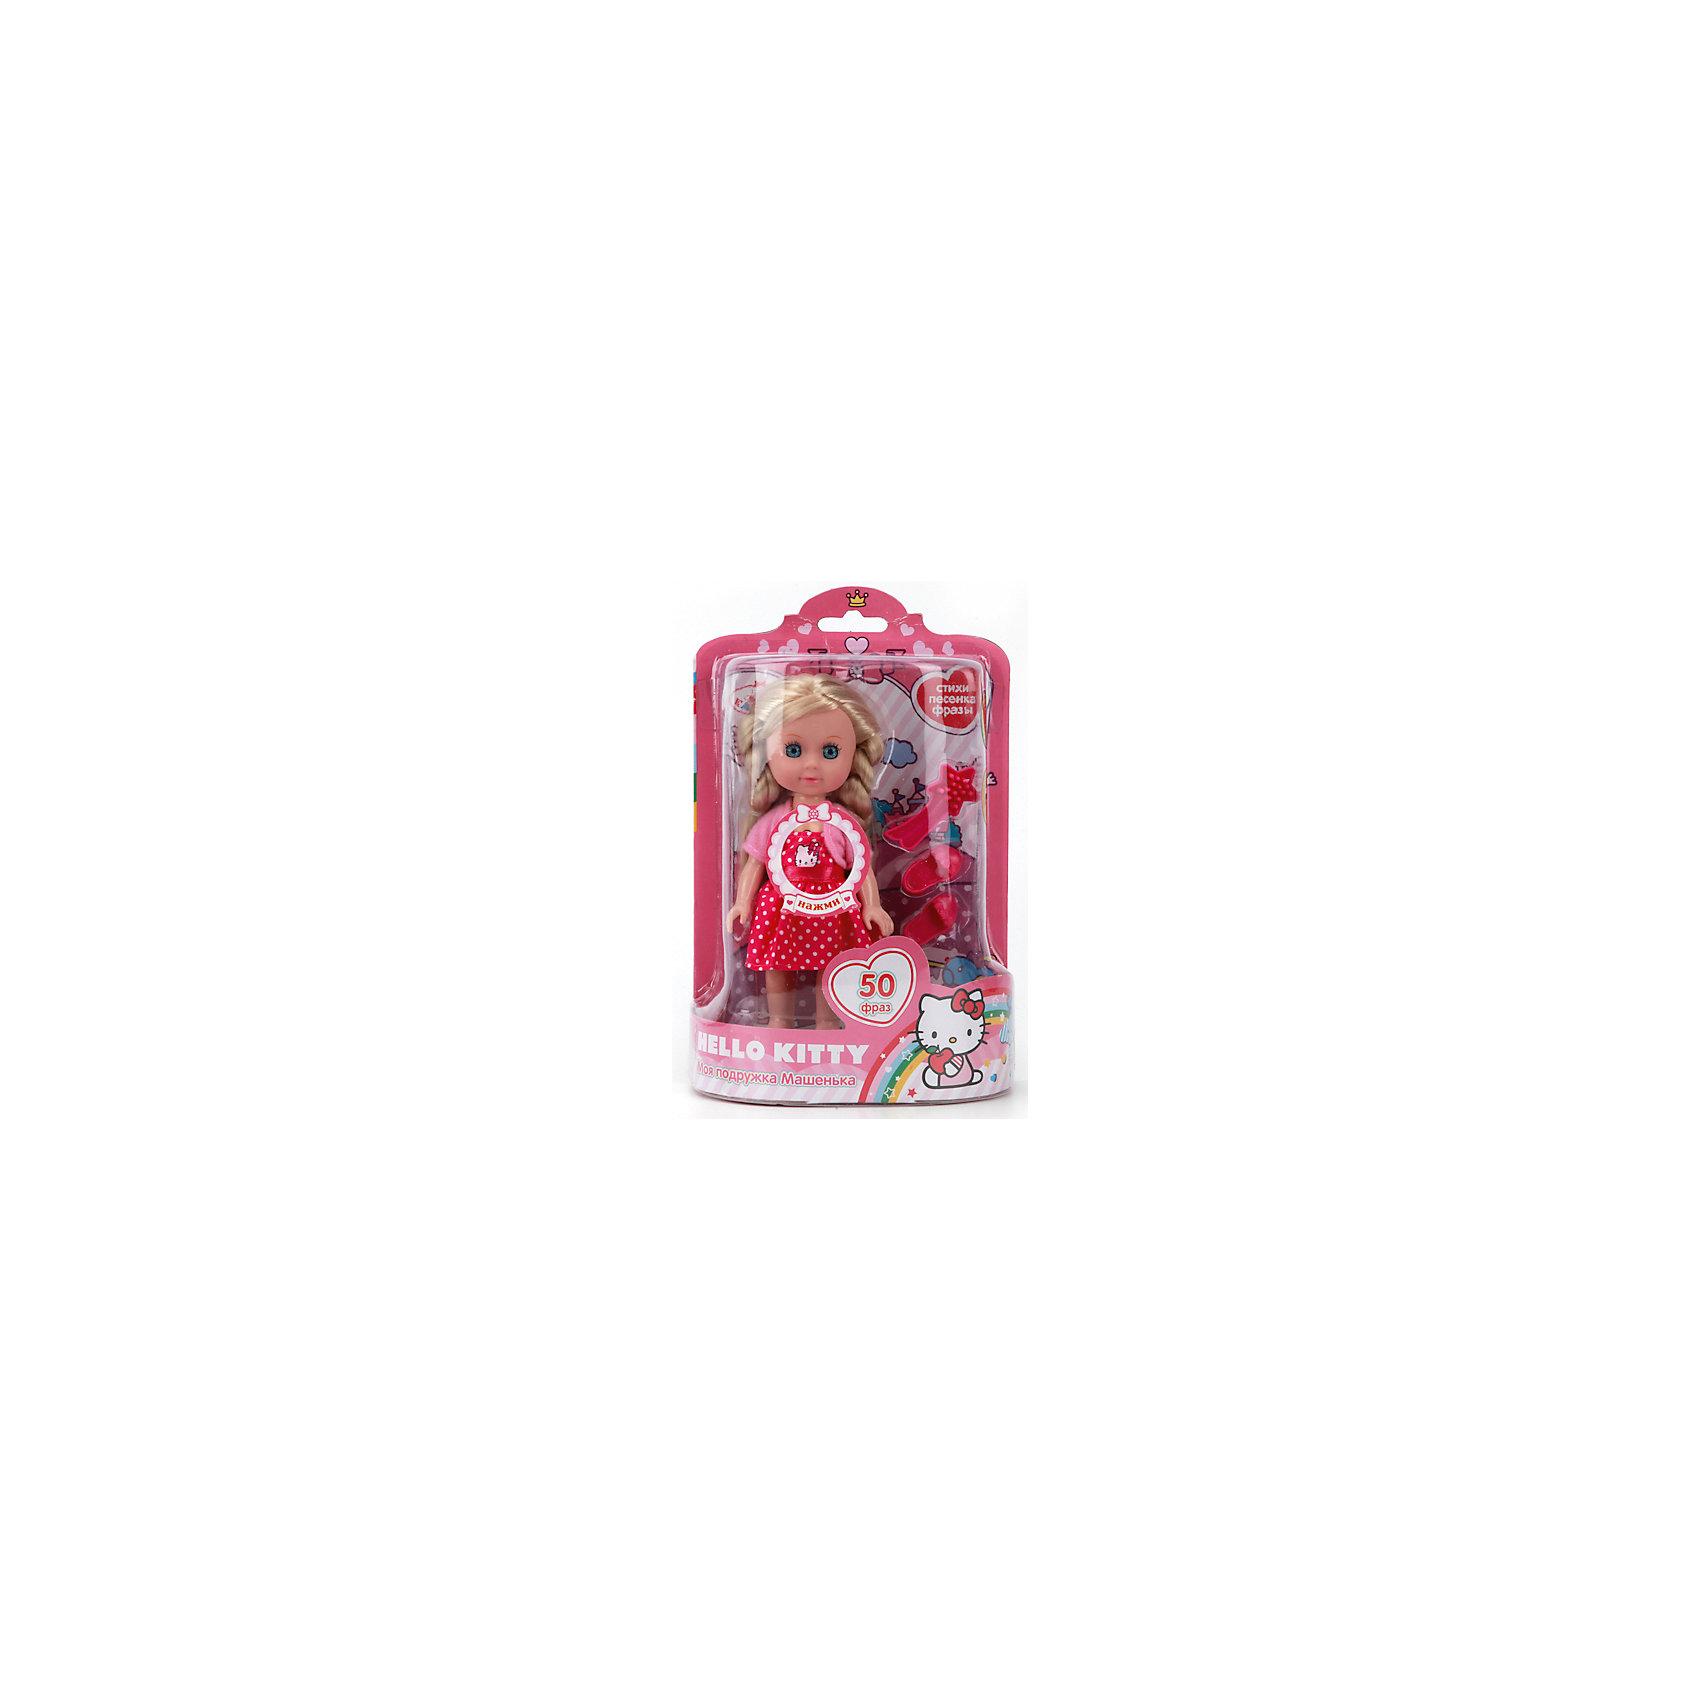 Кукла Машенька Hello kitty, 15см, КарапузЭта очаровательная куколка обязательно понравится девочкам! Если нажать на кнопку на груди, она споет веселую песенку, расскажет стихи или развлечет разговором. Машенька одета в красивое розовое платье с изображением Hello Kitty (Хелло Китти), на ногах у нее - миниатюрные розовые туфельки. Длинные белокурые волосы куклы мягкие и шелковистые, их очень приятно расчесывать, создавая всевозможные прически. Глаза с настоящими ресницами смотрятся невероятно живо и выразительно. Машенька очень похожа на маленькую девочку, без яркого макияжа и эпатажной одежды - то что нужно для еще совсем юных малышек. <br><br>Дополнительная информация:<br><br>- Материал: пластик, текстиль.<br>- Размер куклы: 15 см.<br>- Голова, руки, ноги куклы подвижные.<br>- Комплектация: кукла, одежда, обувь, расческа. <br>- 50 фраз, стихов и песенок.<br>- Элемент питания: 3 батарейки LR41 (в комплекте).<br><br>Кукла Машеньку, Hello kitty, 15см, Карапуз, можно купить в нашем магазине.<br><br>Ширина мм: 460<br>Глубина мм: 480<br>Высота мм: 820<br>Вес г: 190<br>Возраст от месяцев: 36<br>Возраст до месяцев: 84<br>Пол: Женский<br>Возраст: Детский<br>SKU: 4408239